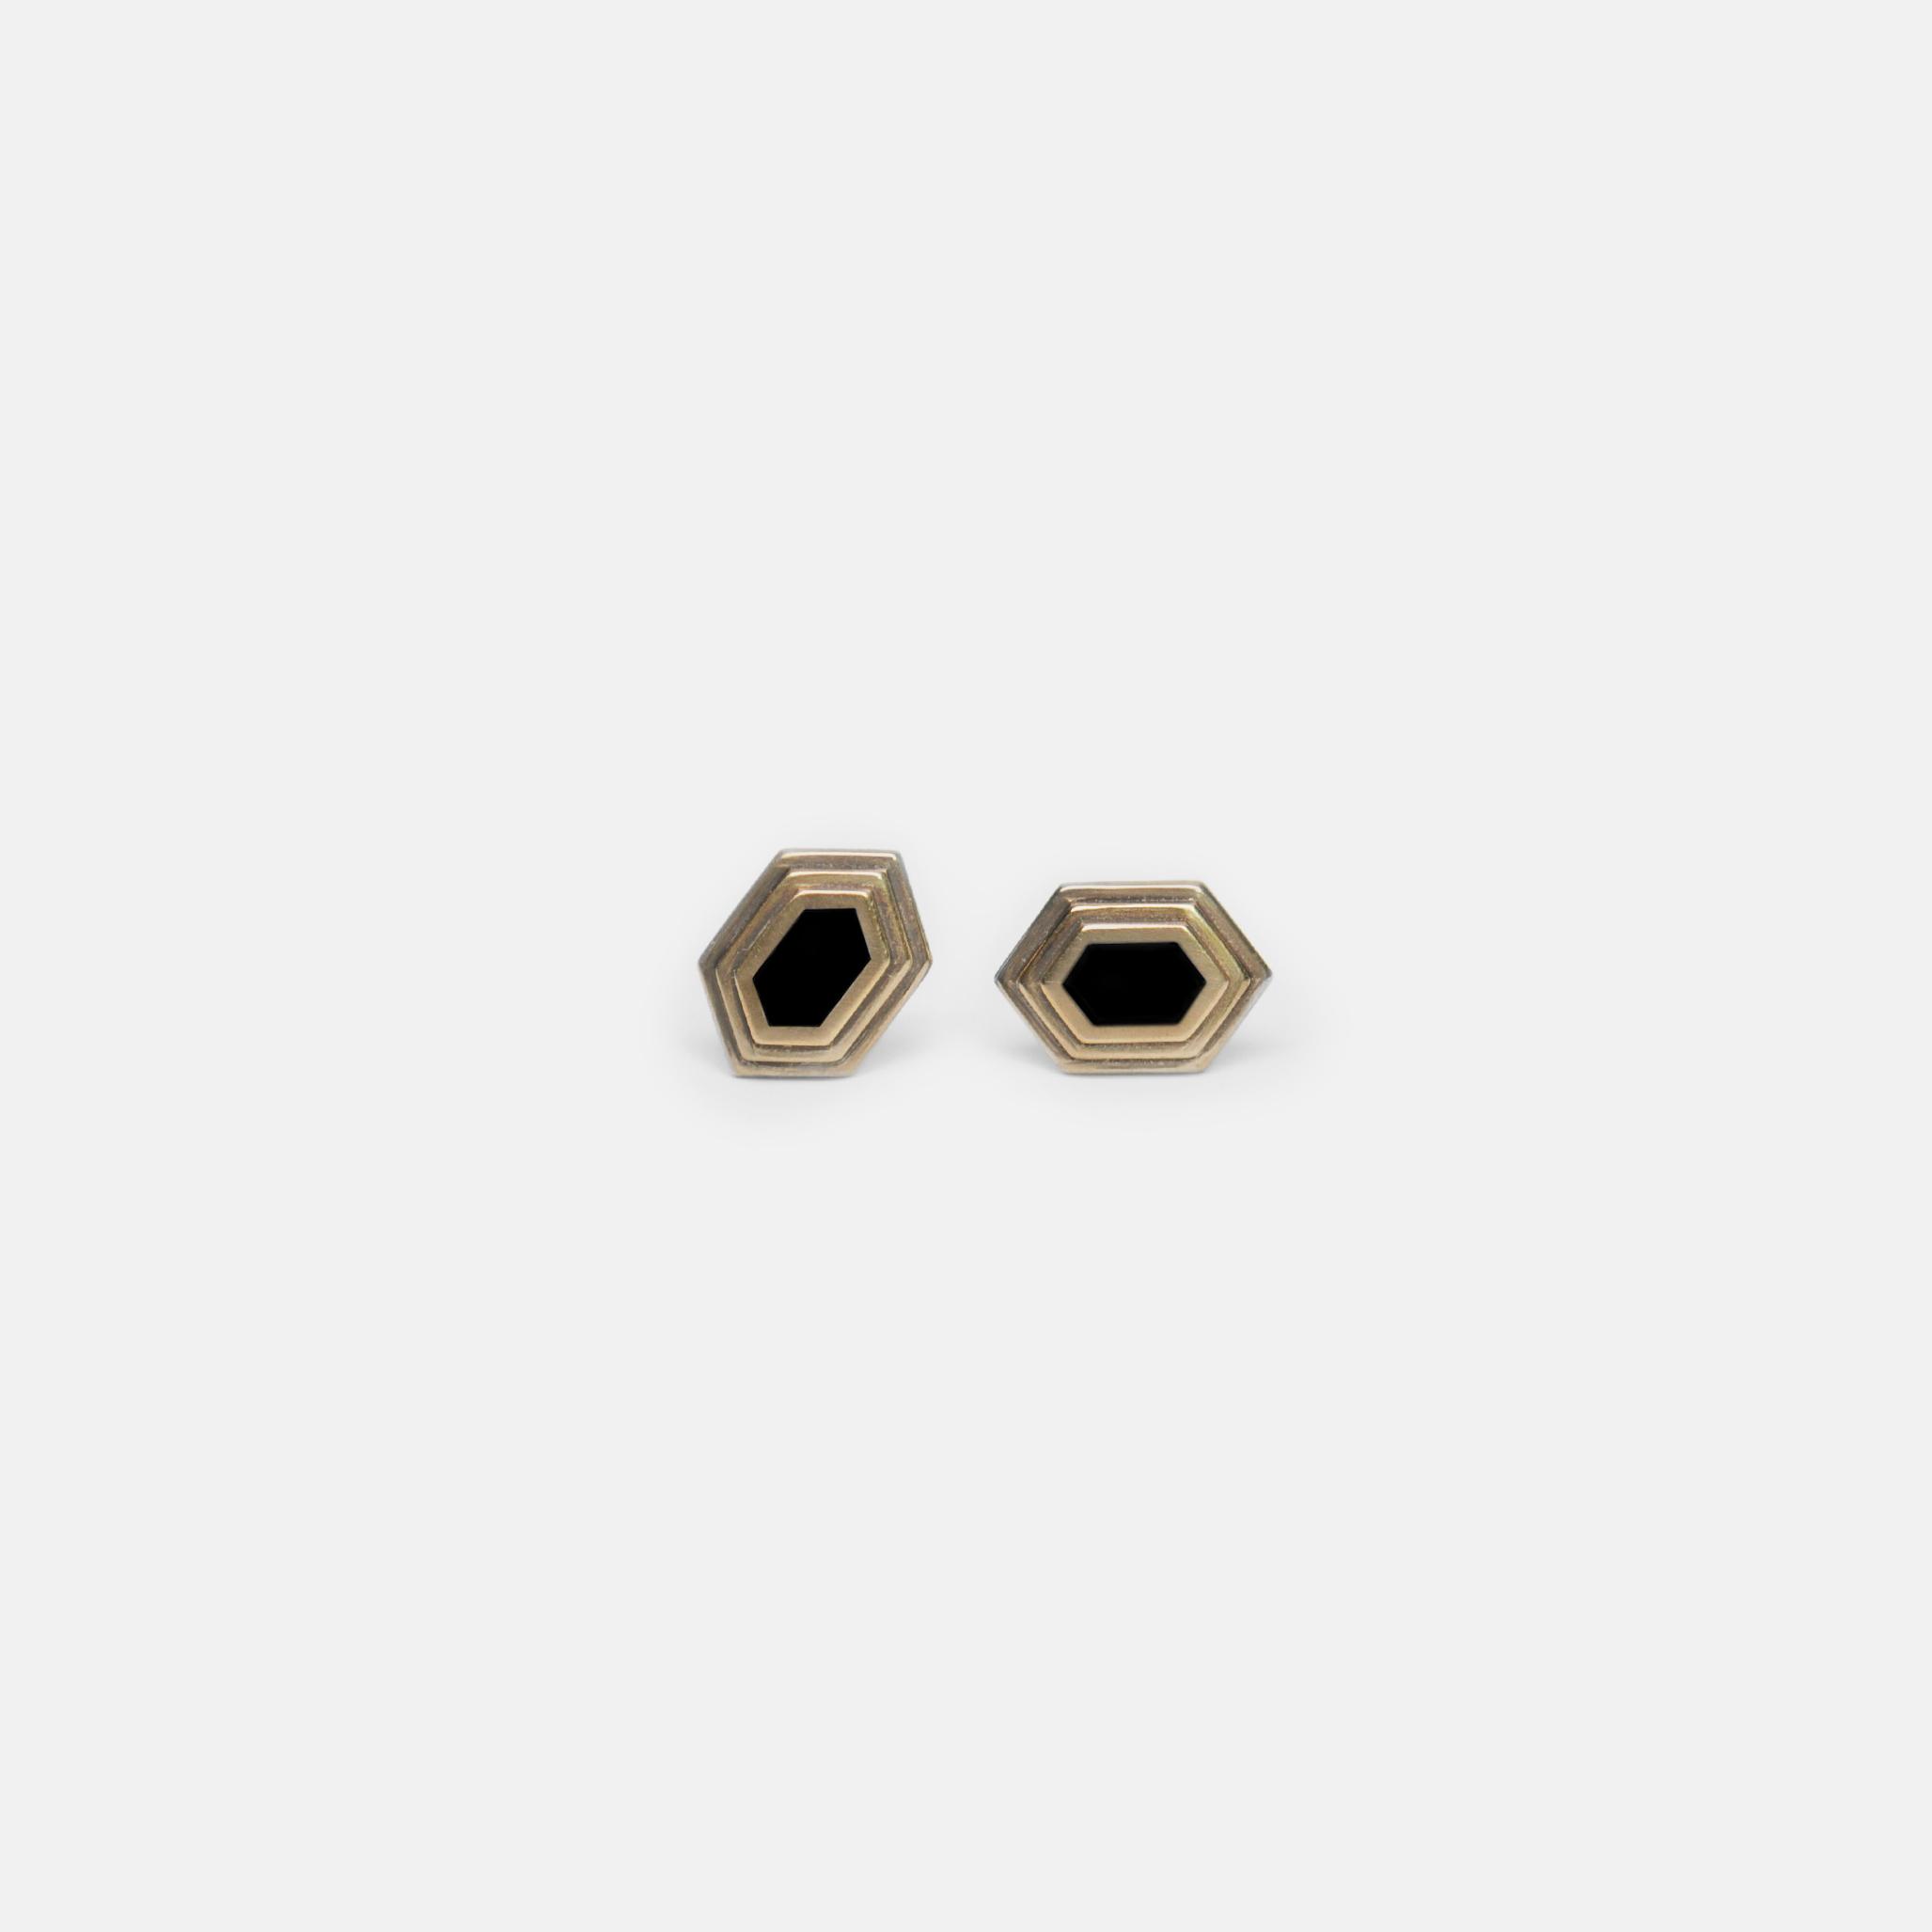 Off_White_Marisa_Lomonaco_Stepped_Stud_Earring_0003_Bronze_Black.jpg